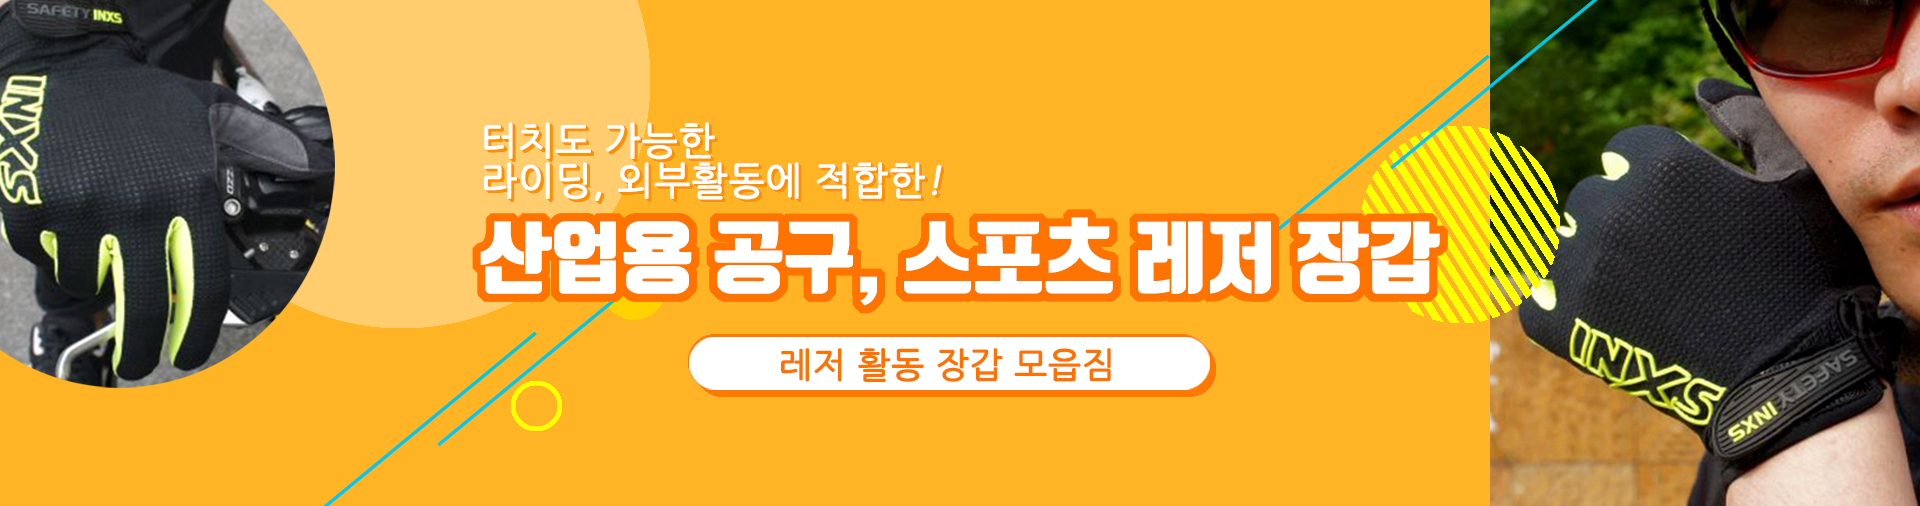 스포츠/레저 장갑